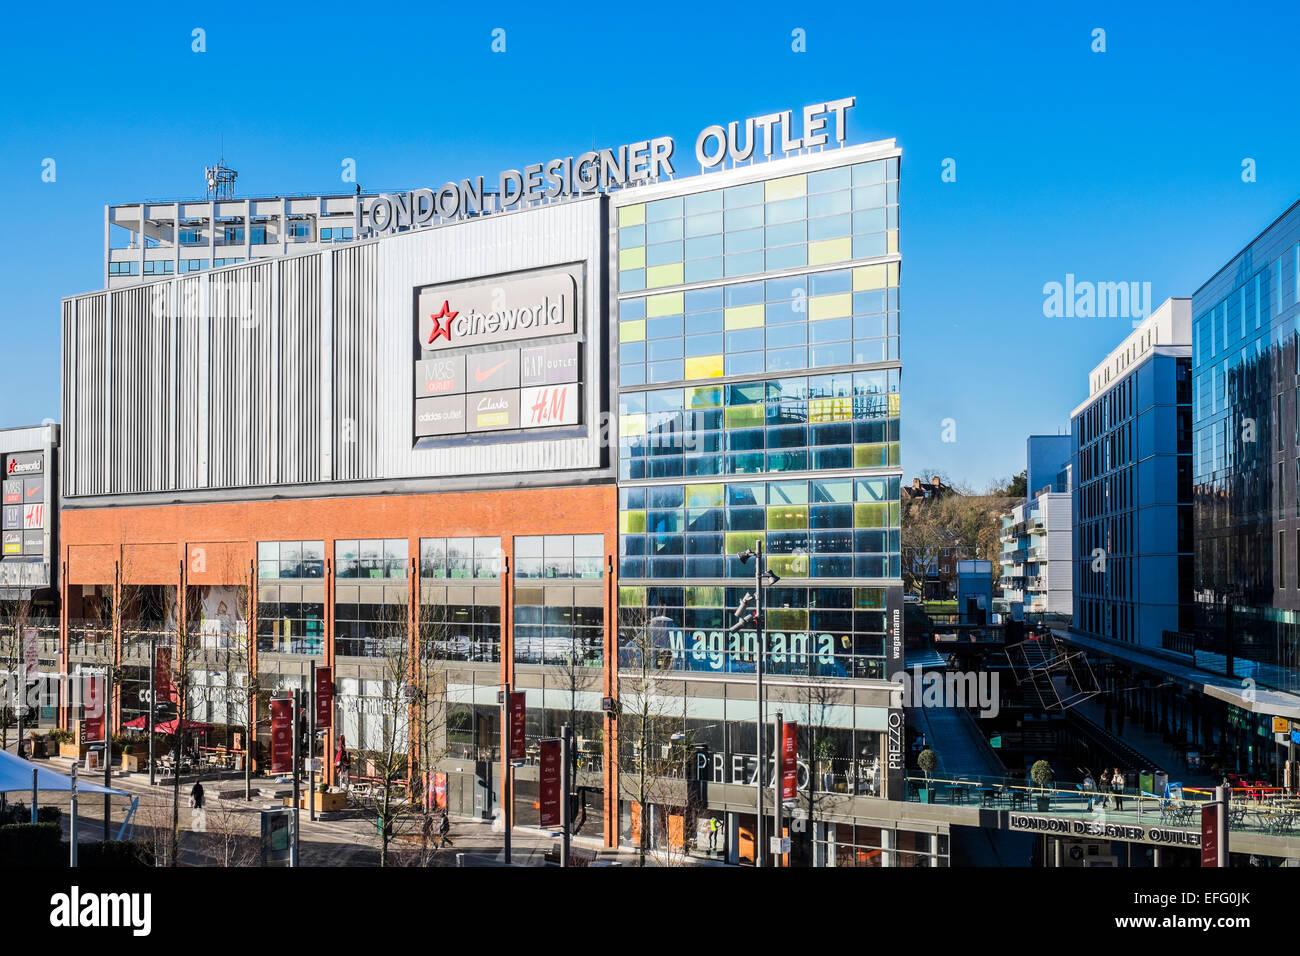 1389d6b96c18a4 London Designer Outlet Shopping Centre Wembley Park - London - Stock Image